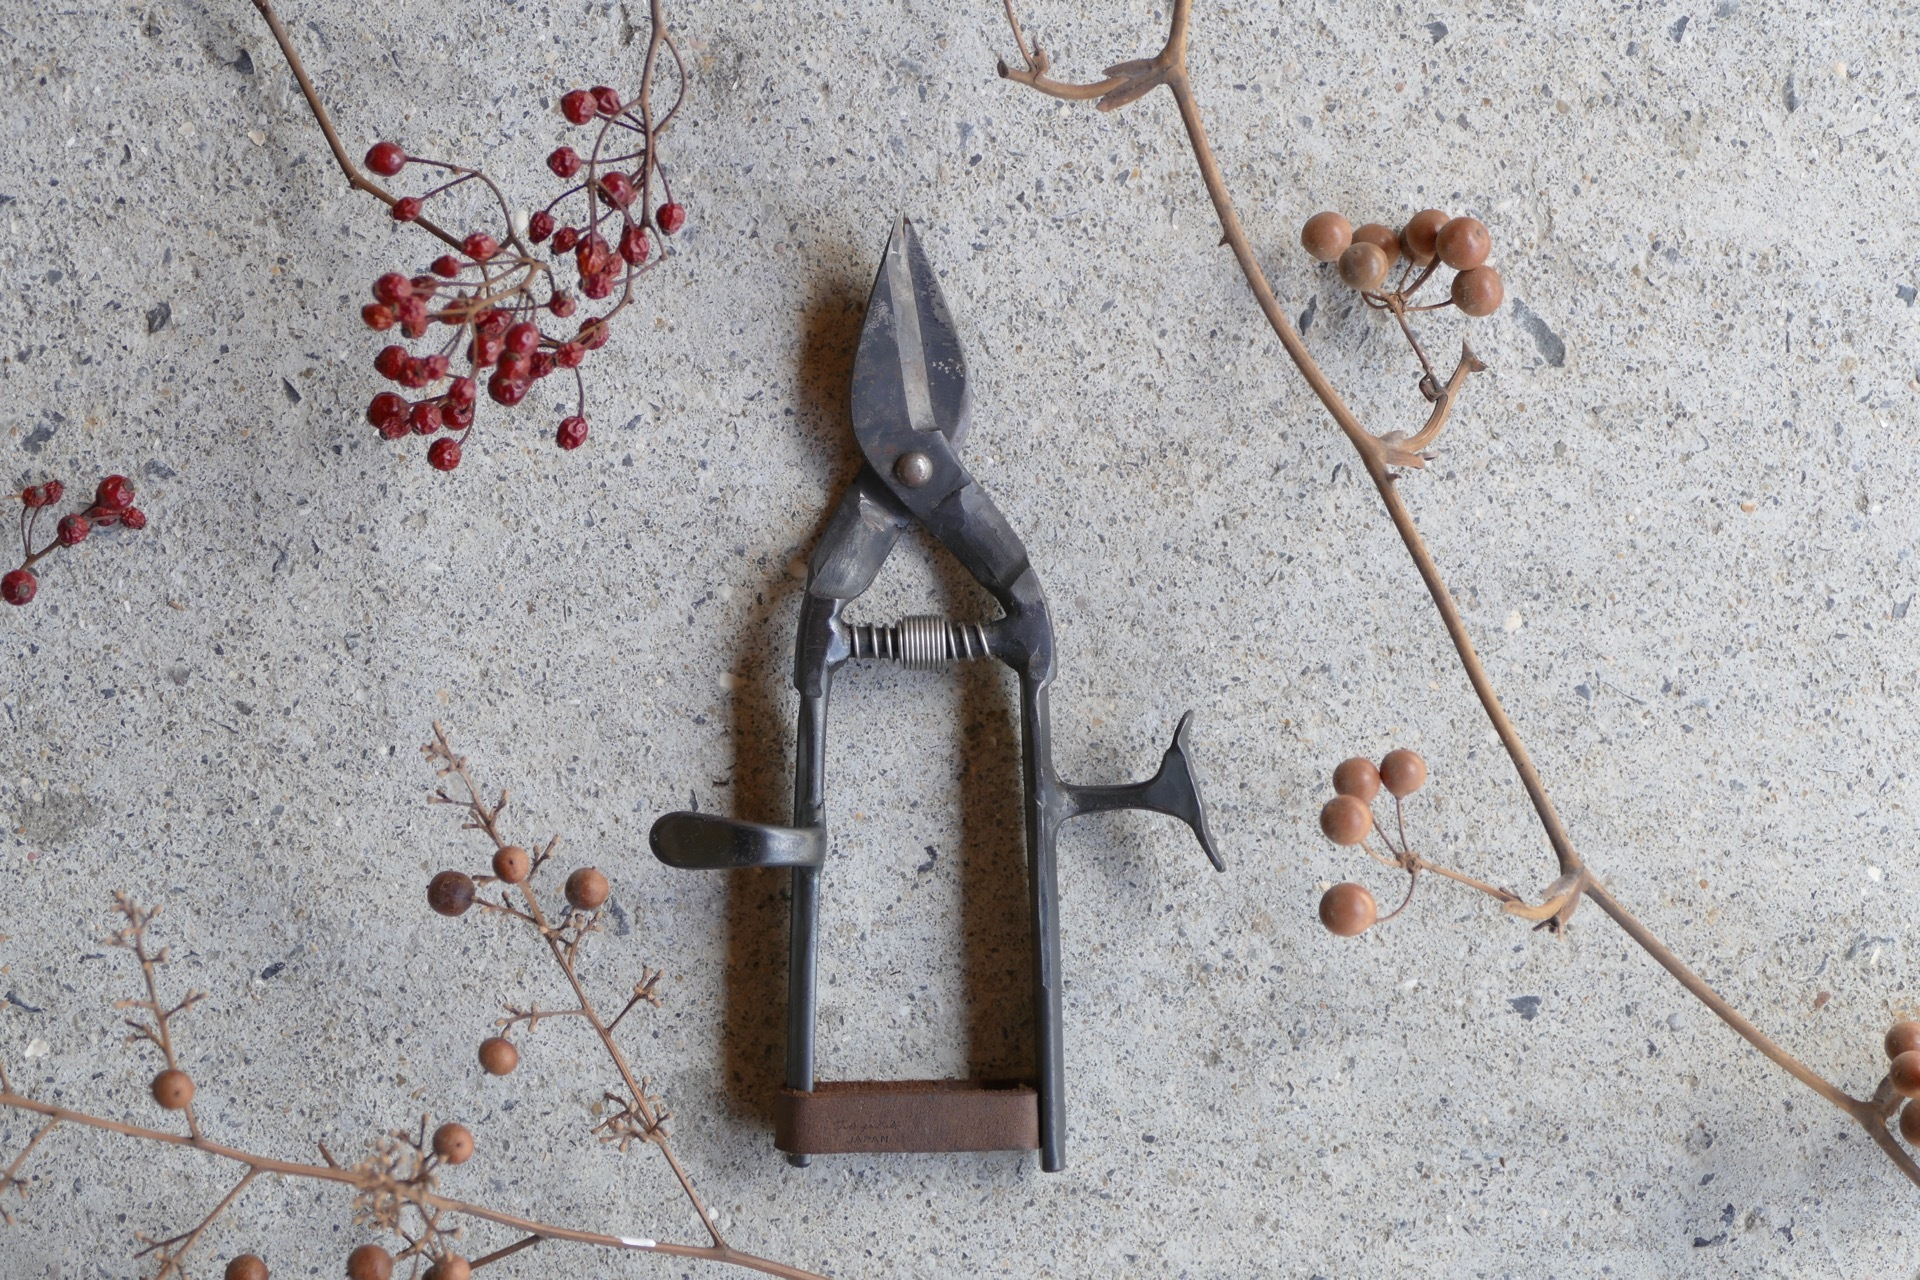 TAjiKA garden clipper